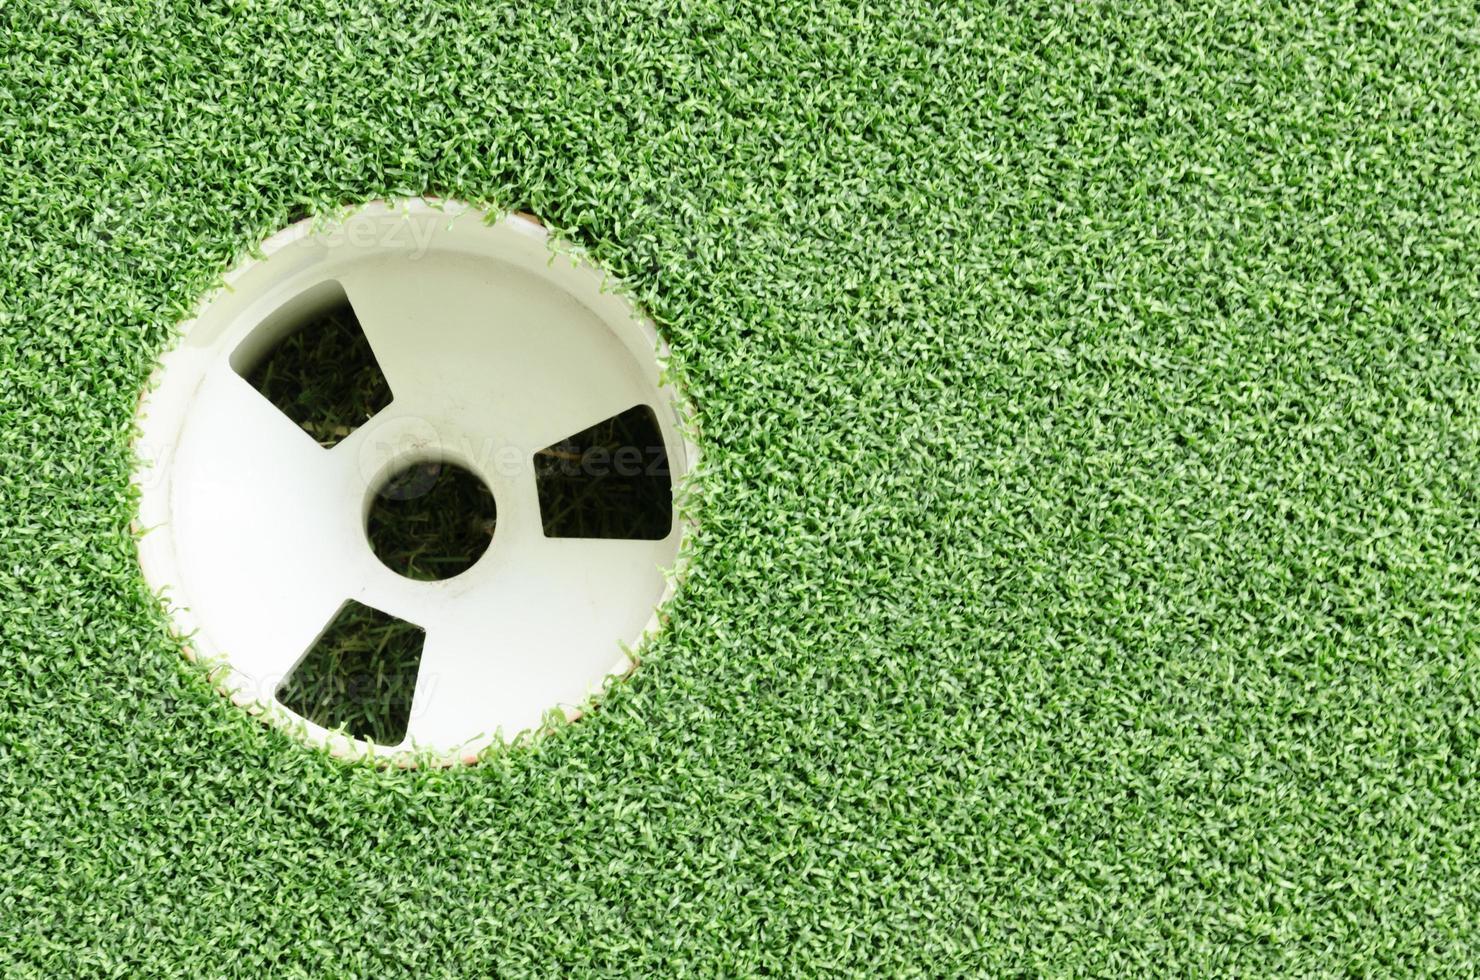 taza de palo de golf y hierba foto